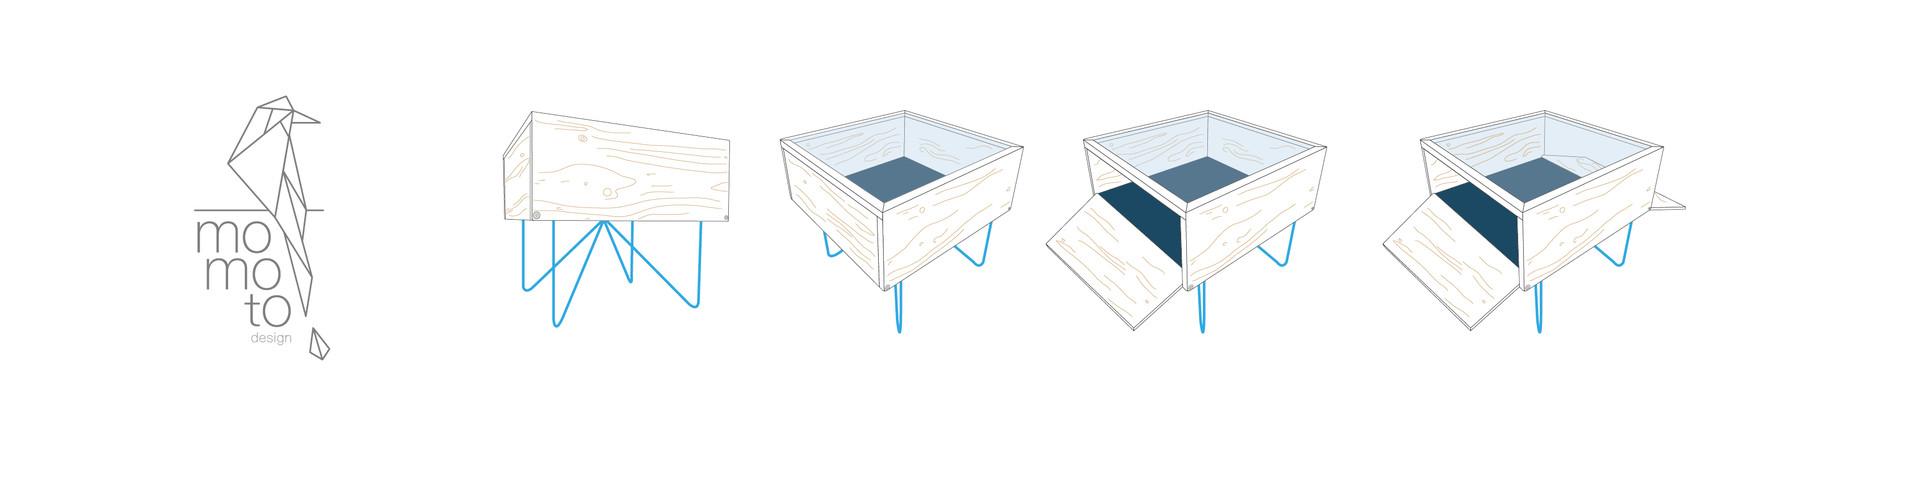 mesa librero 01 ilustracion 2-05.jpg